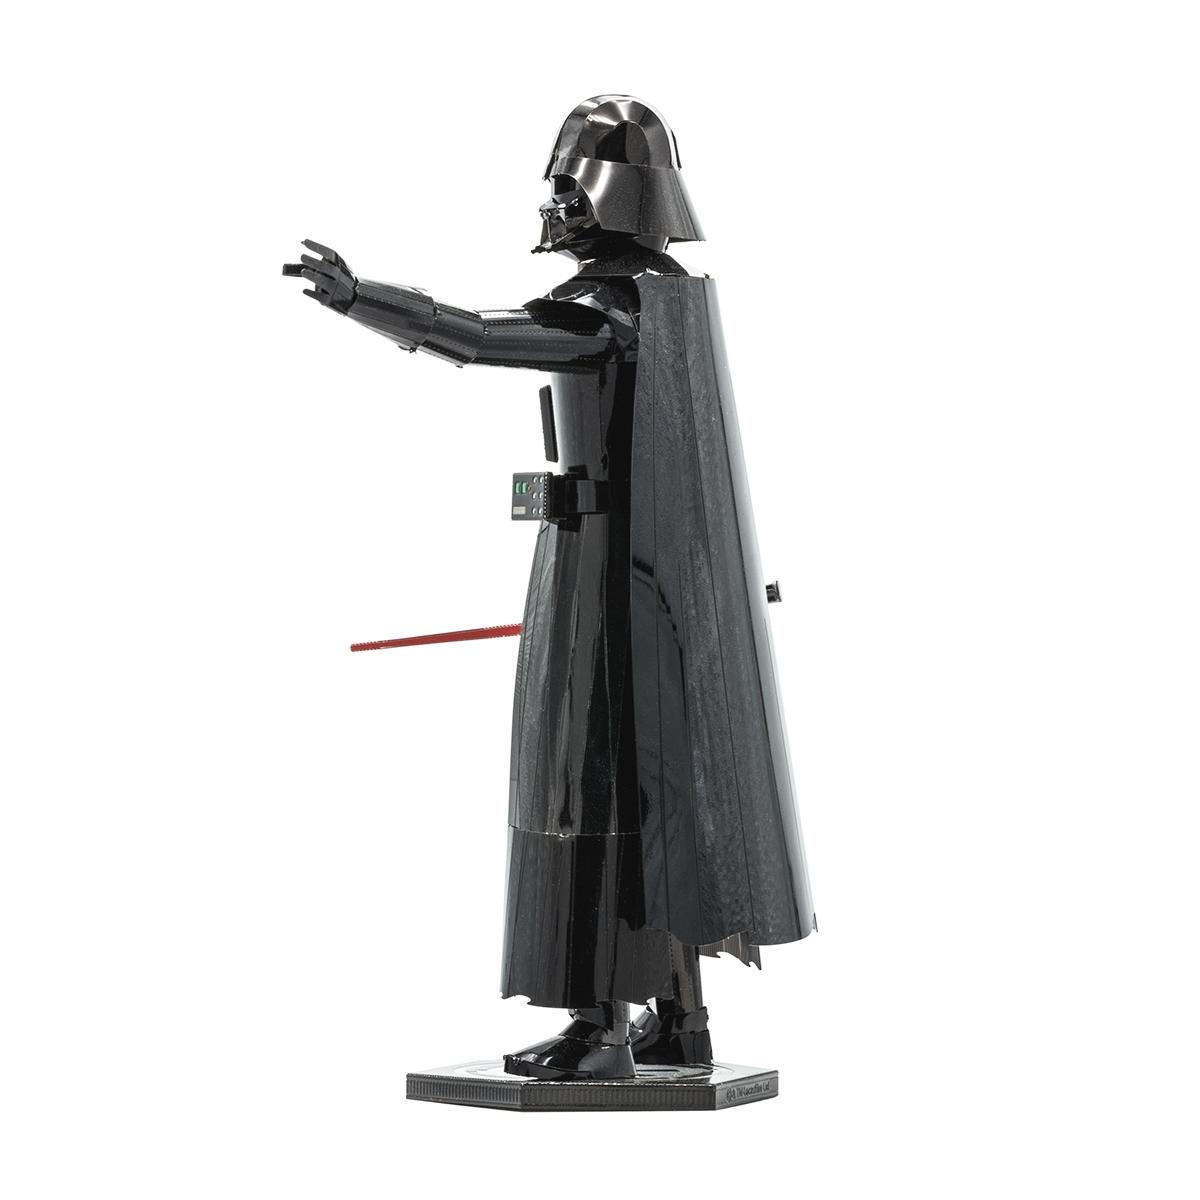 Metal Earth Fascinations Premium Series Star Wars Darth Vader 3D Metal Model Kit